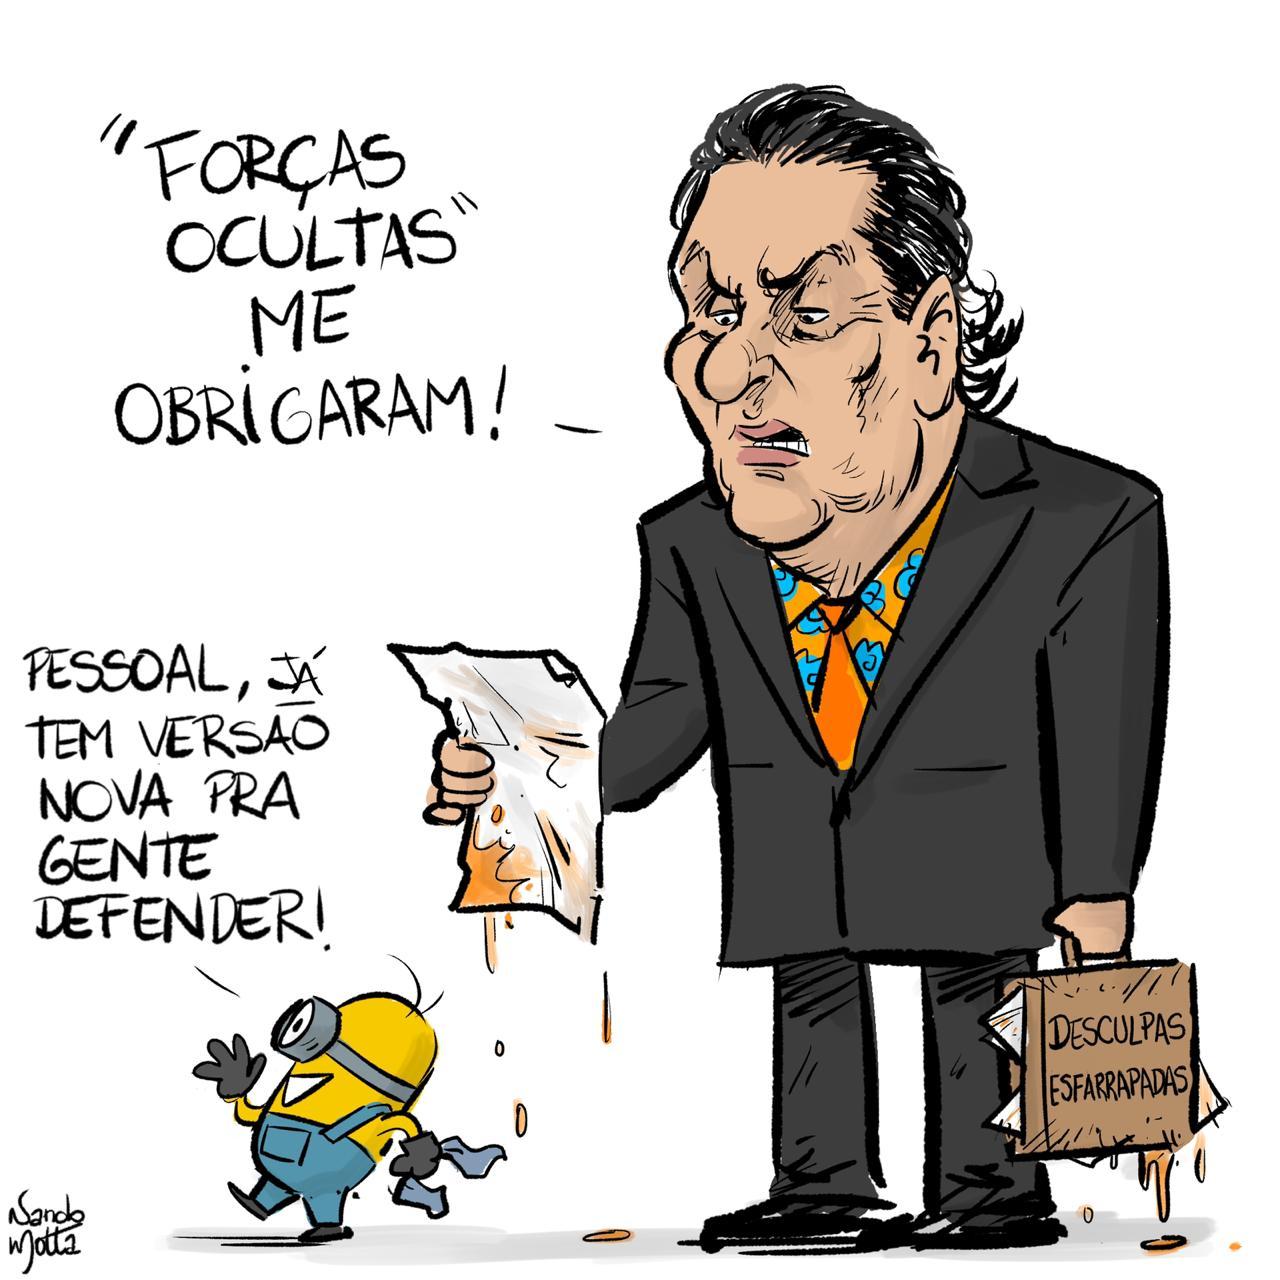 TRIBUNA DA INTERNET | Wassef pagou R$ 276 mil a advogado que defendeu  Bolsonaro em ações no STF, diz o Coaf